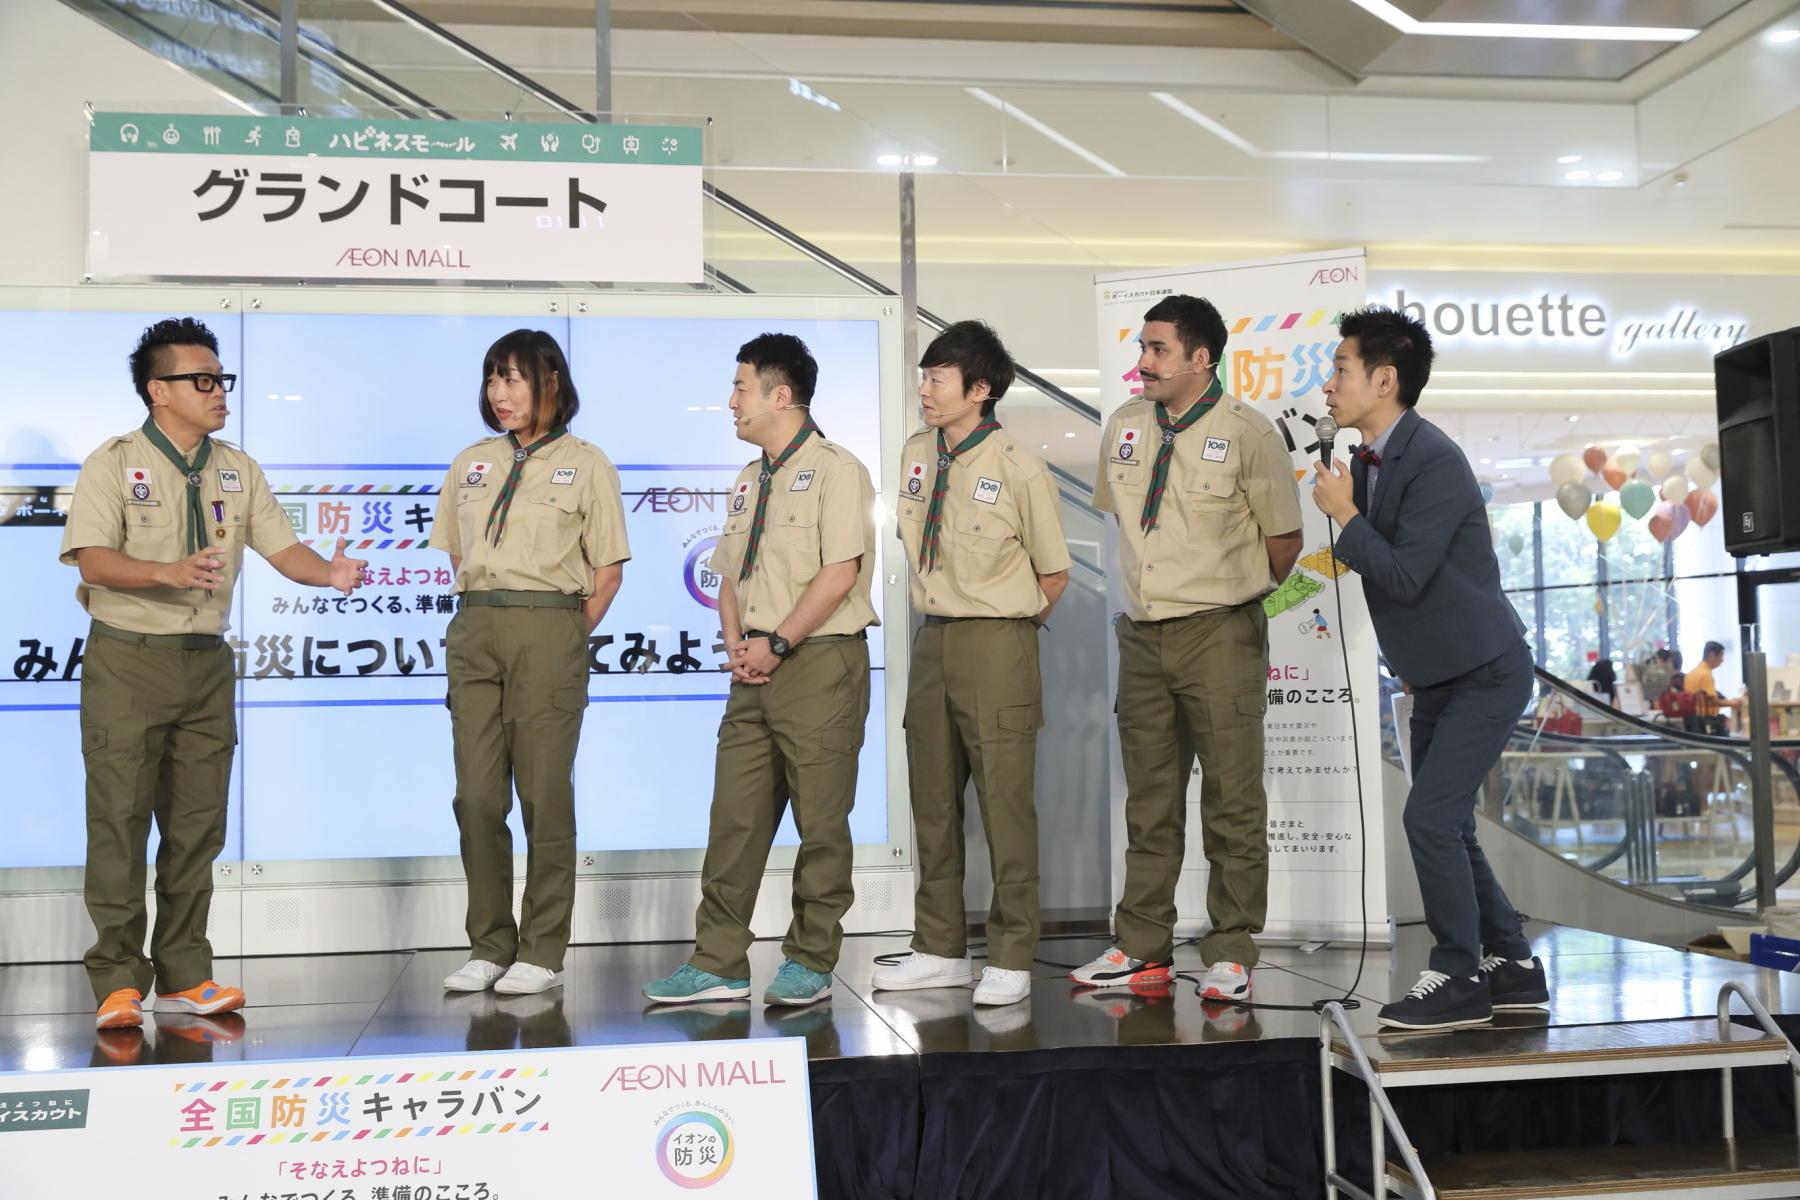 http://news.yoshimoto.co.jp/20180830174047-84cb81943a02a7dfbf670434249173f6e18596ff.jpg